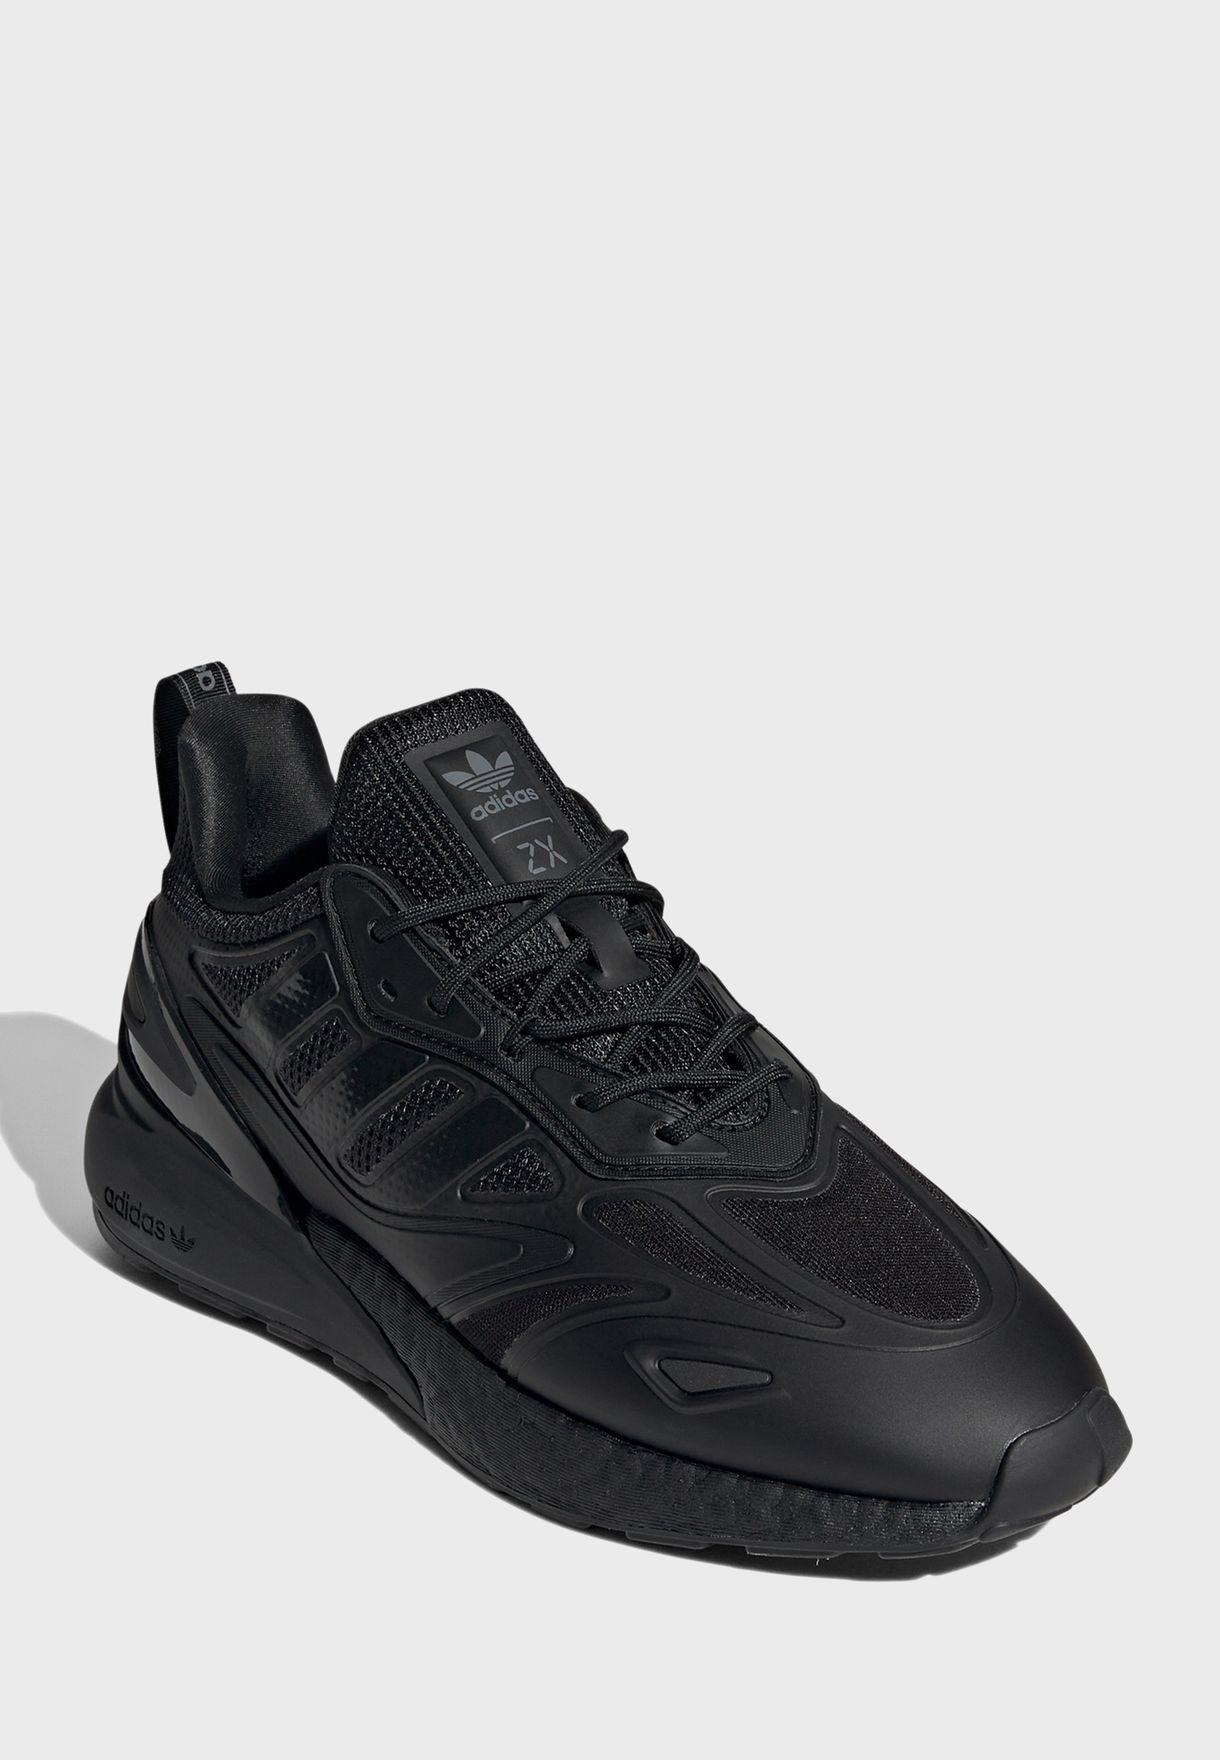 حذاء زي اكس 2 كاي بوست 2.0